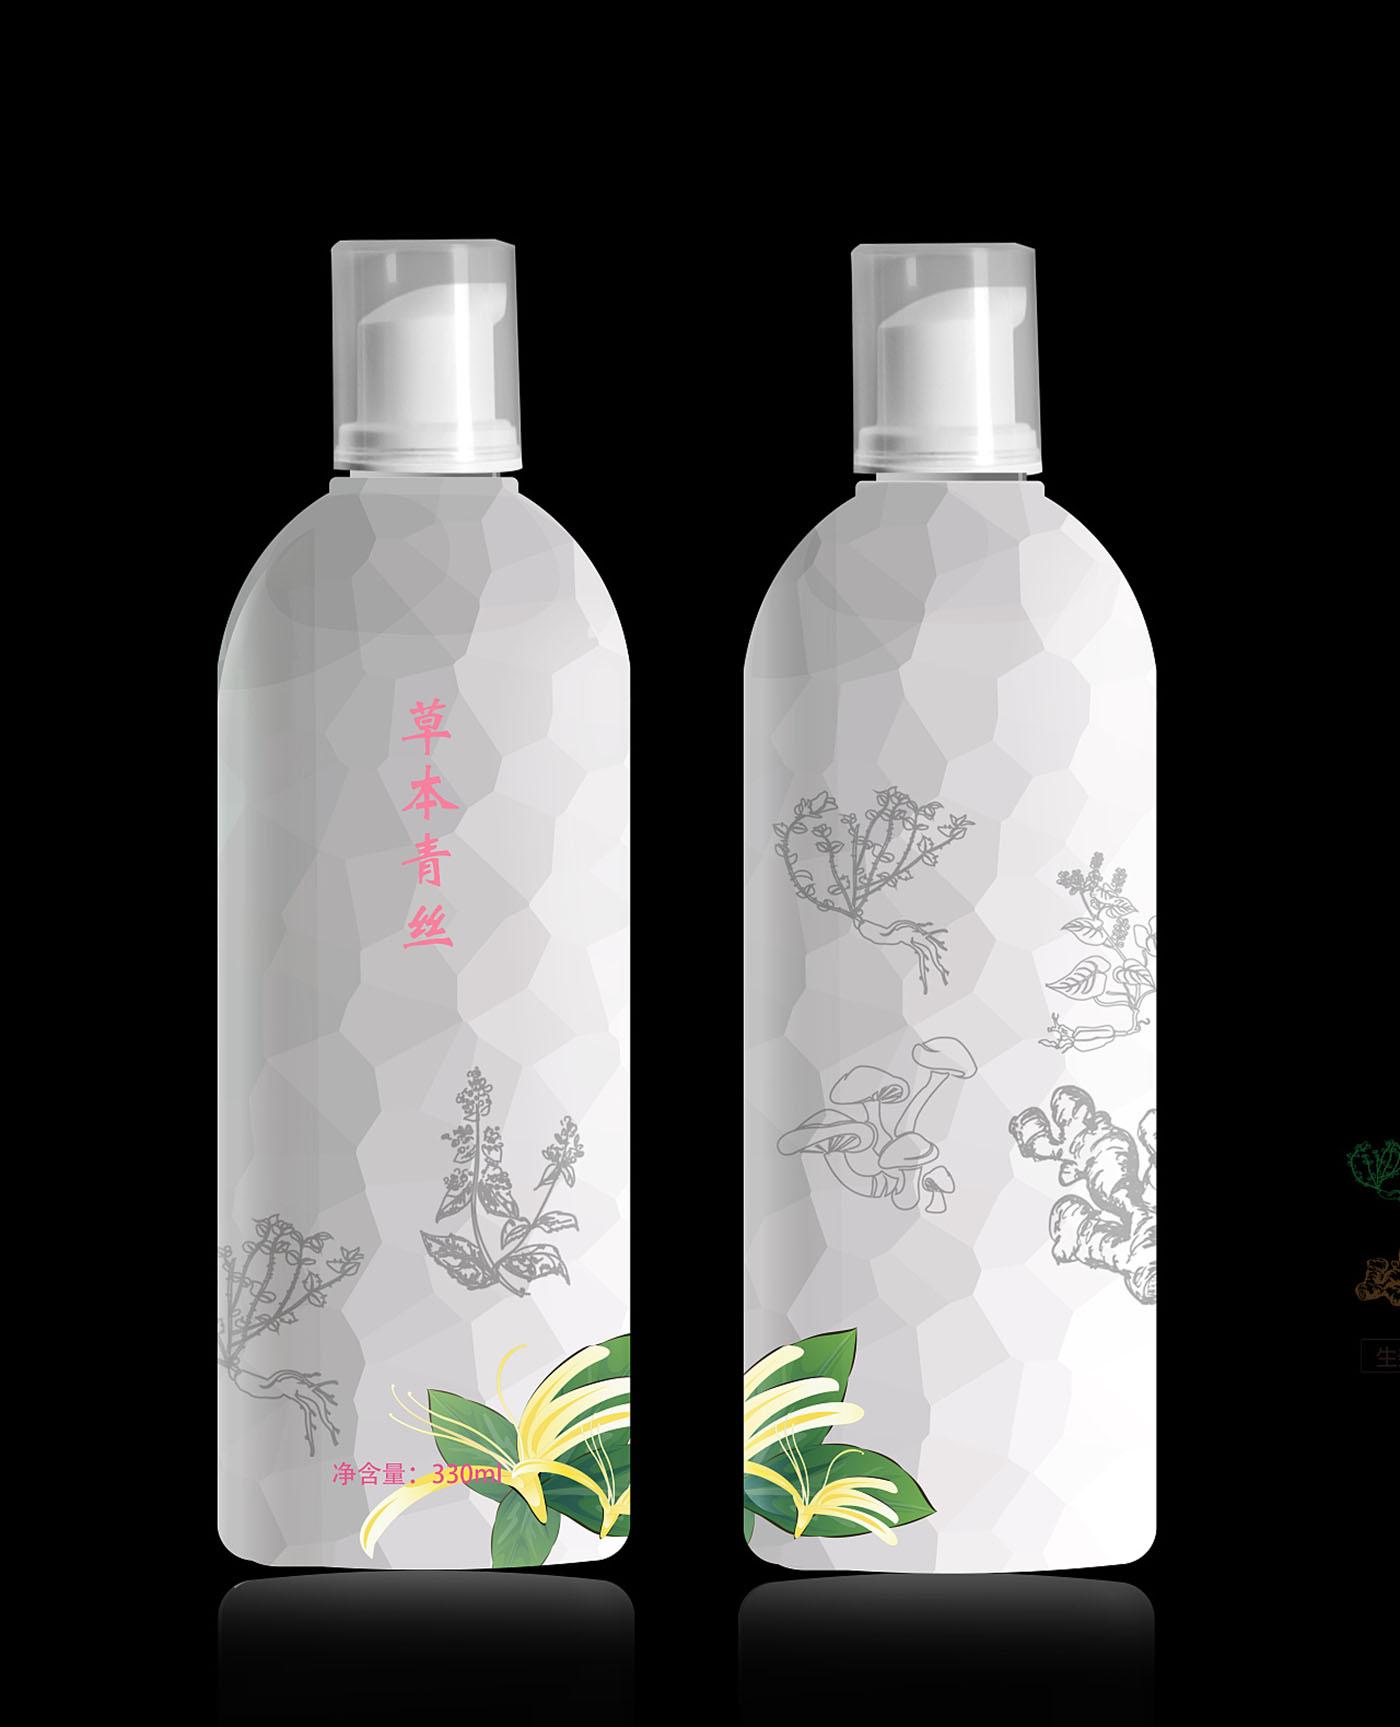 草本青丝洗发水包装设计-洗发水包装设计公司